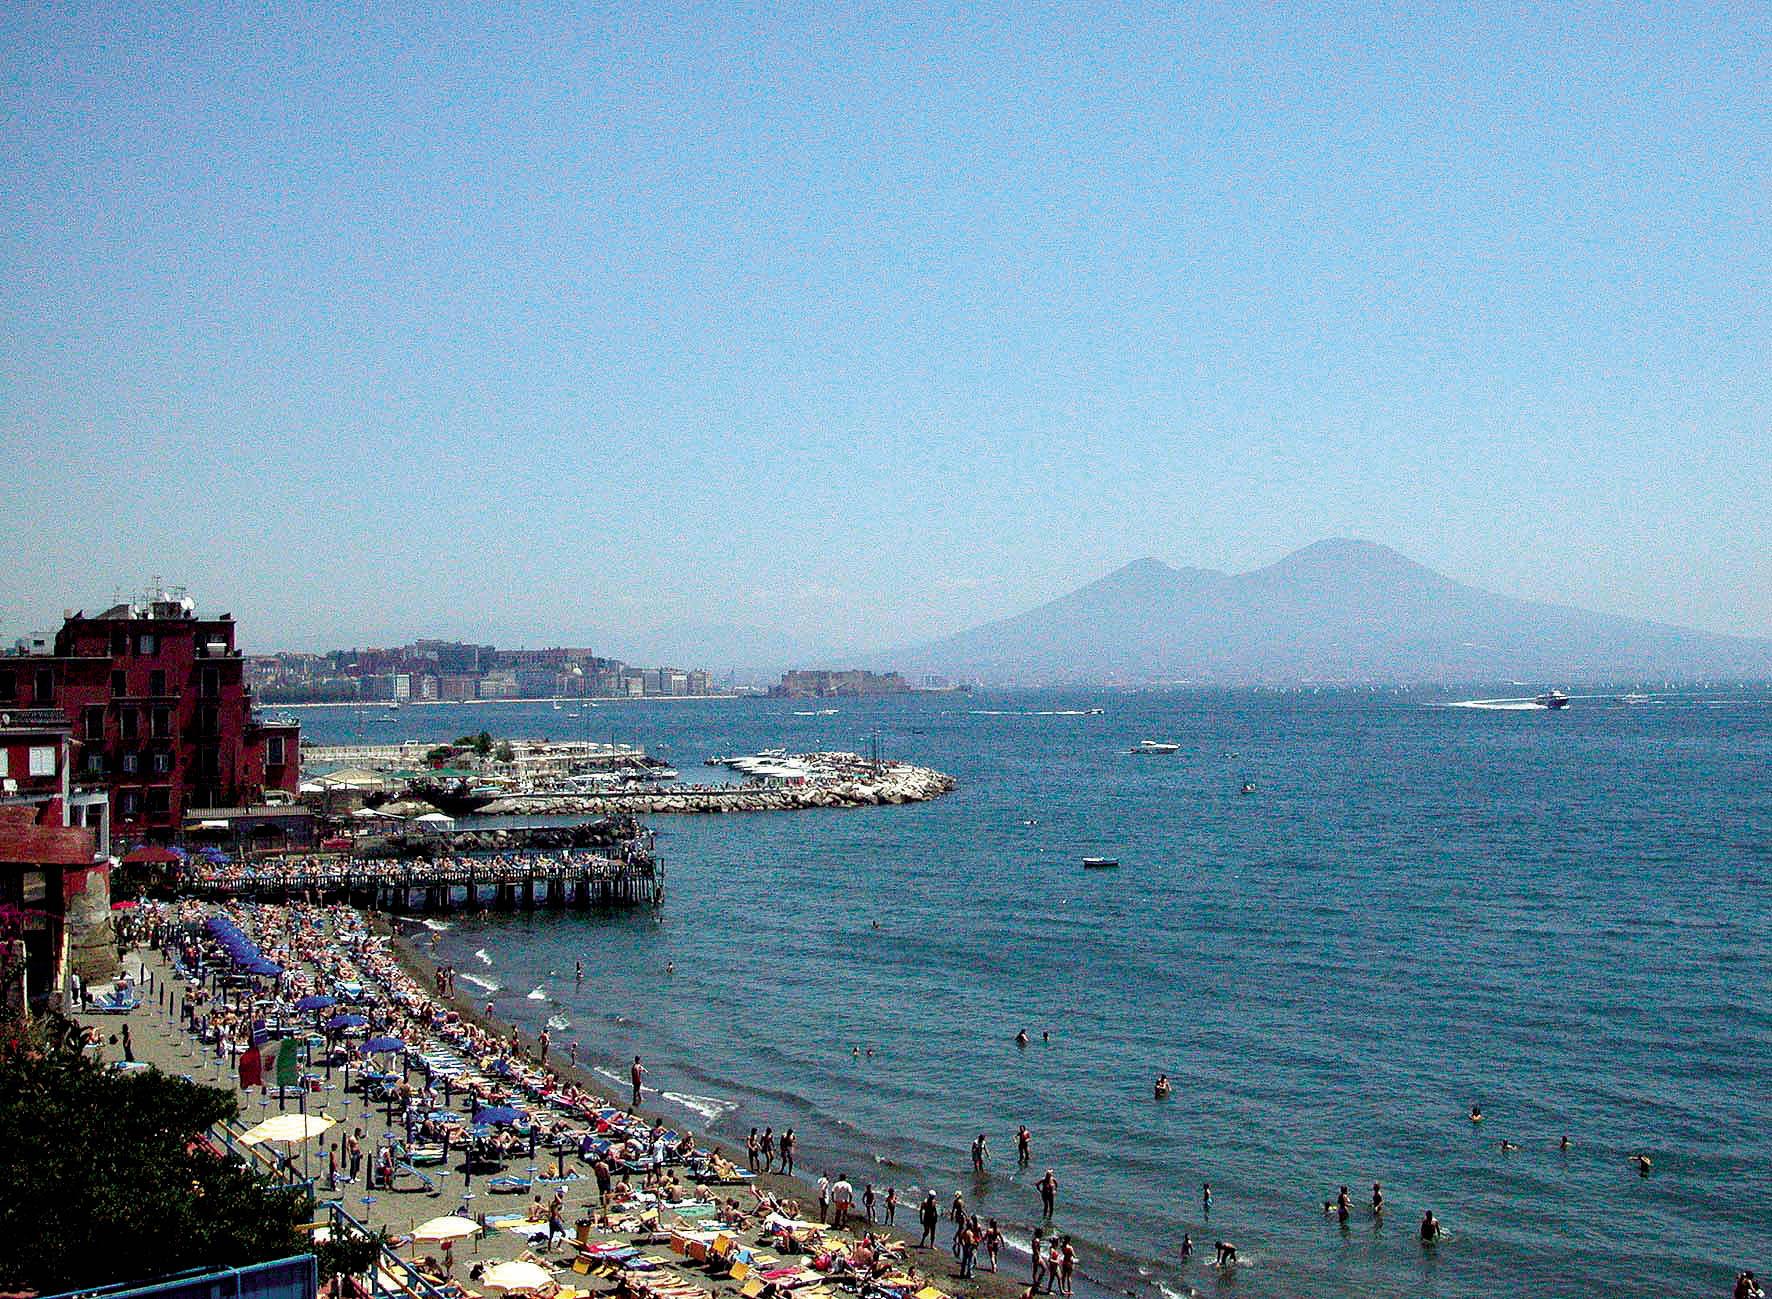 Spiagge di posillipo napoli spiagge italiane su trovaspiagge